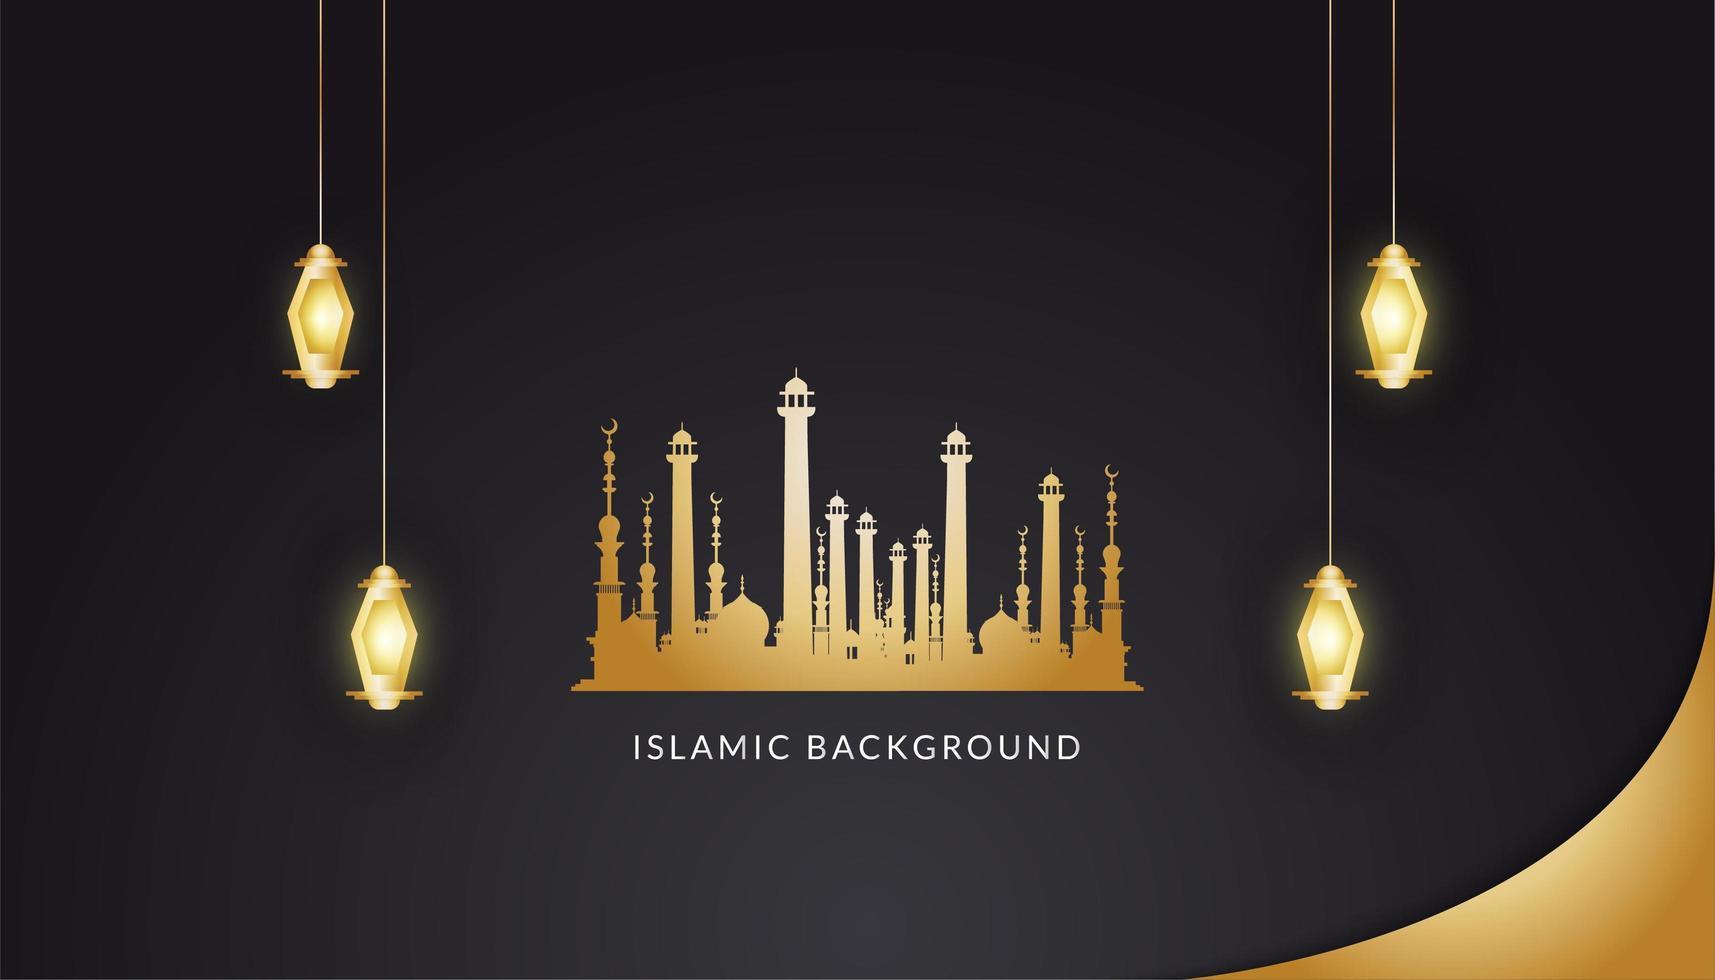 fond islamique avec des lanternes dorées vecteur